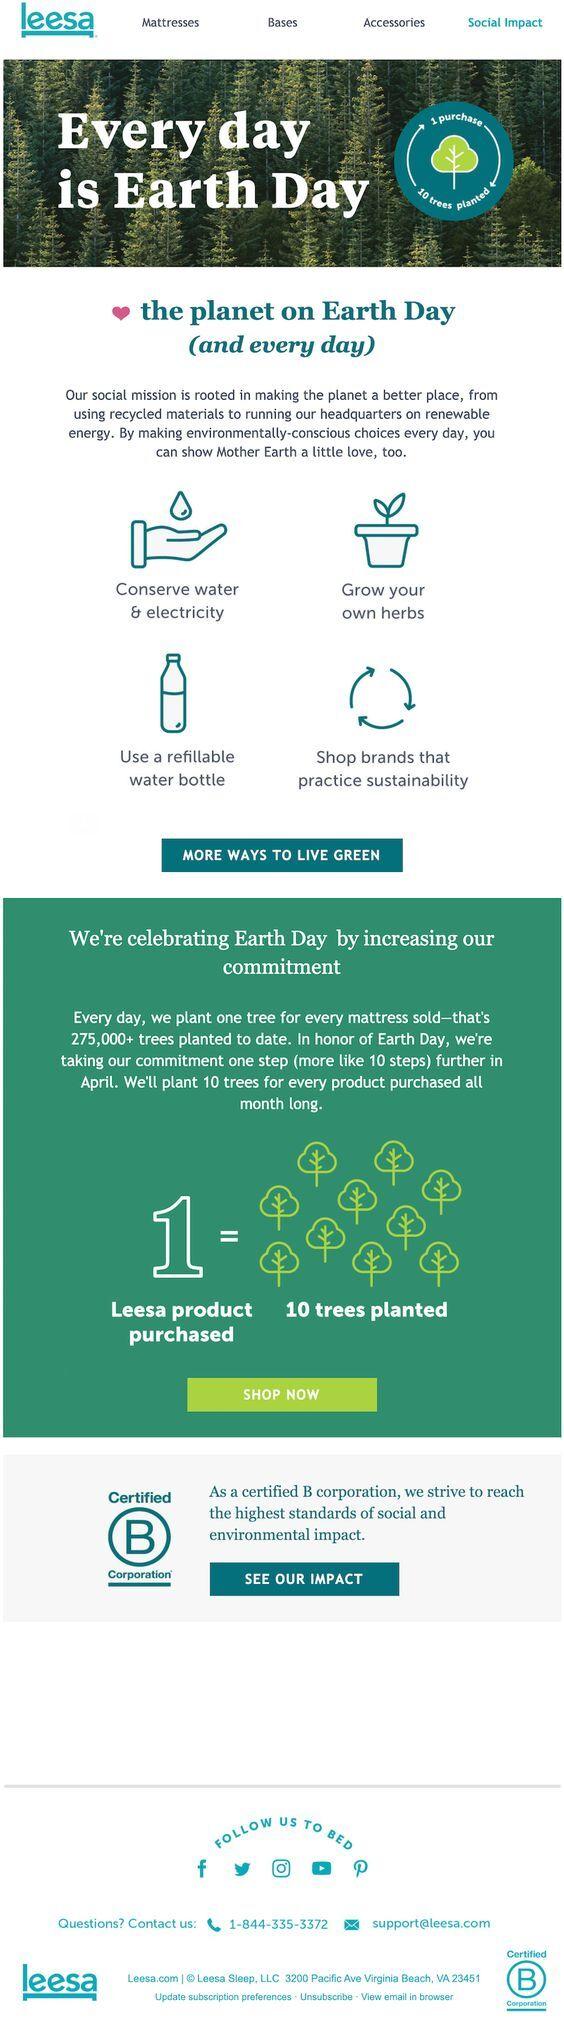 пример рассылки по случаю дня Земли